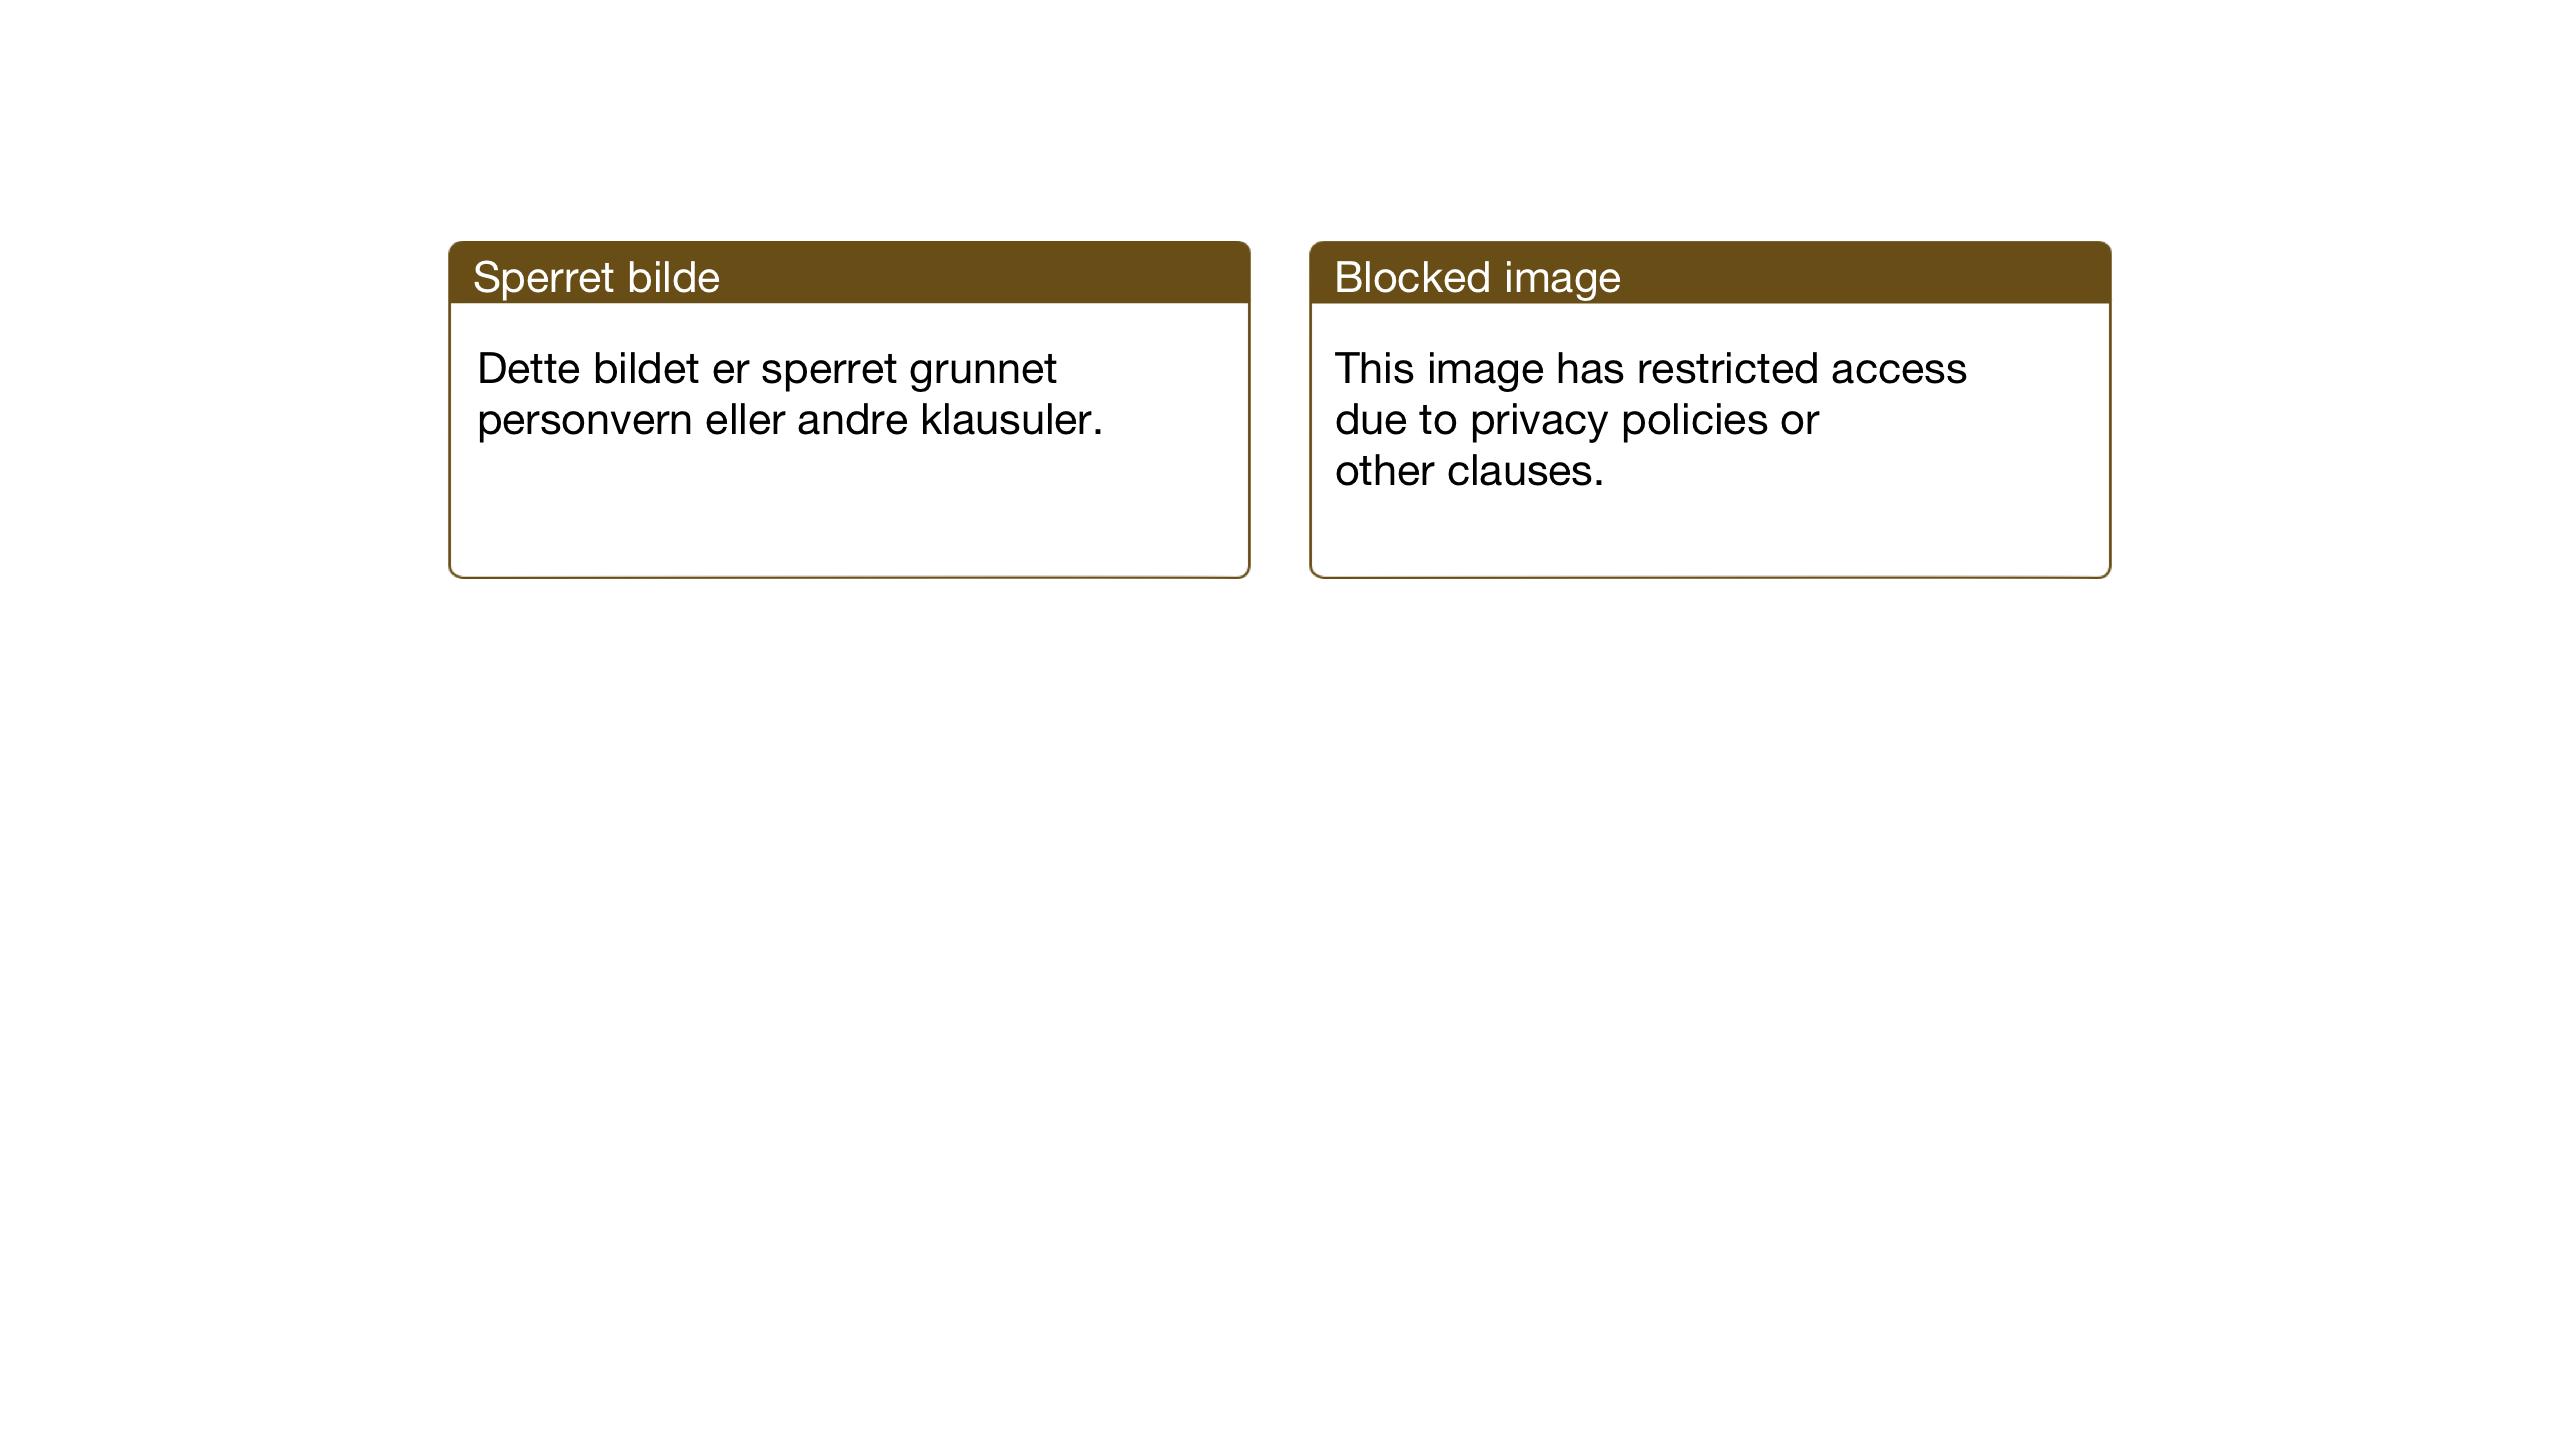 SAT, Ministerialprotokoller, klokkerbøker og fødselsregistre - Sør-Trøndelag, 635/L0556: Klokkerbok nr. 635C04, 1943-1945, s. 66